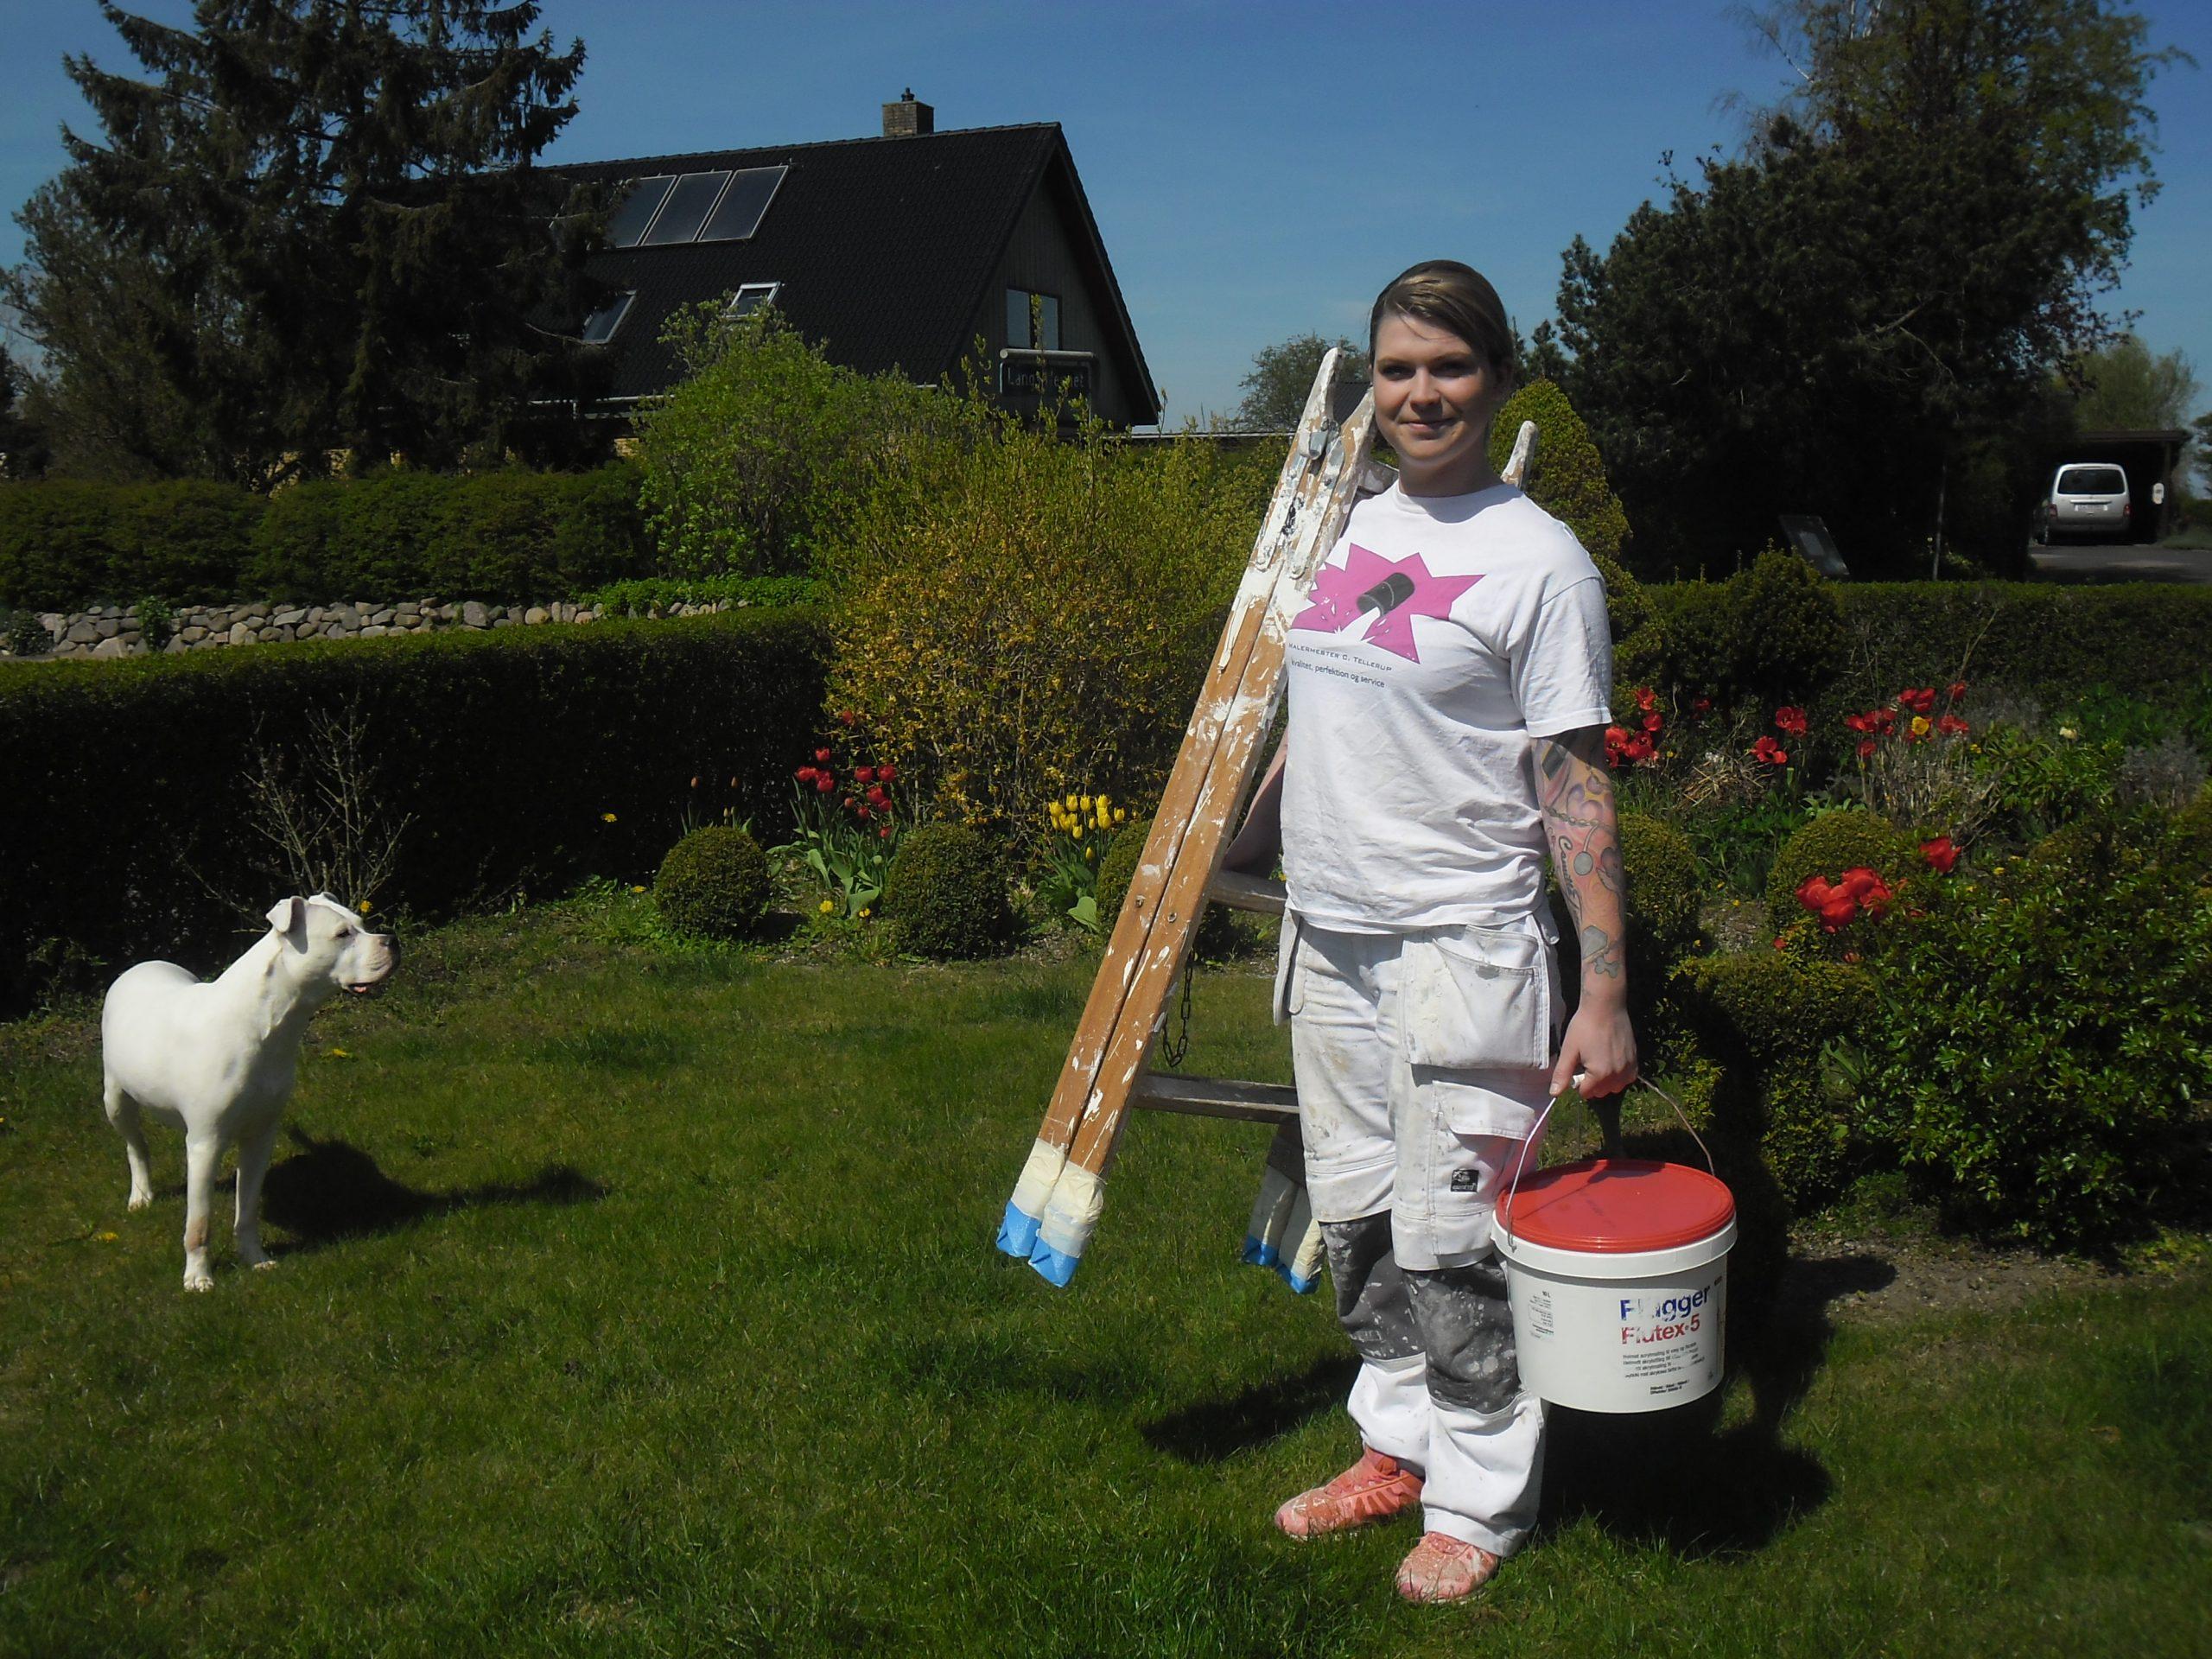 Camilla Tellerup med maling